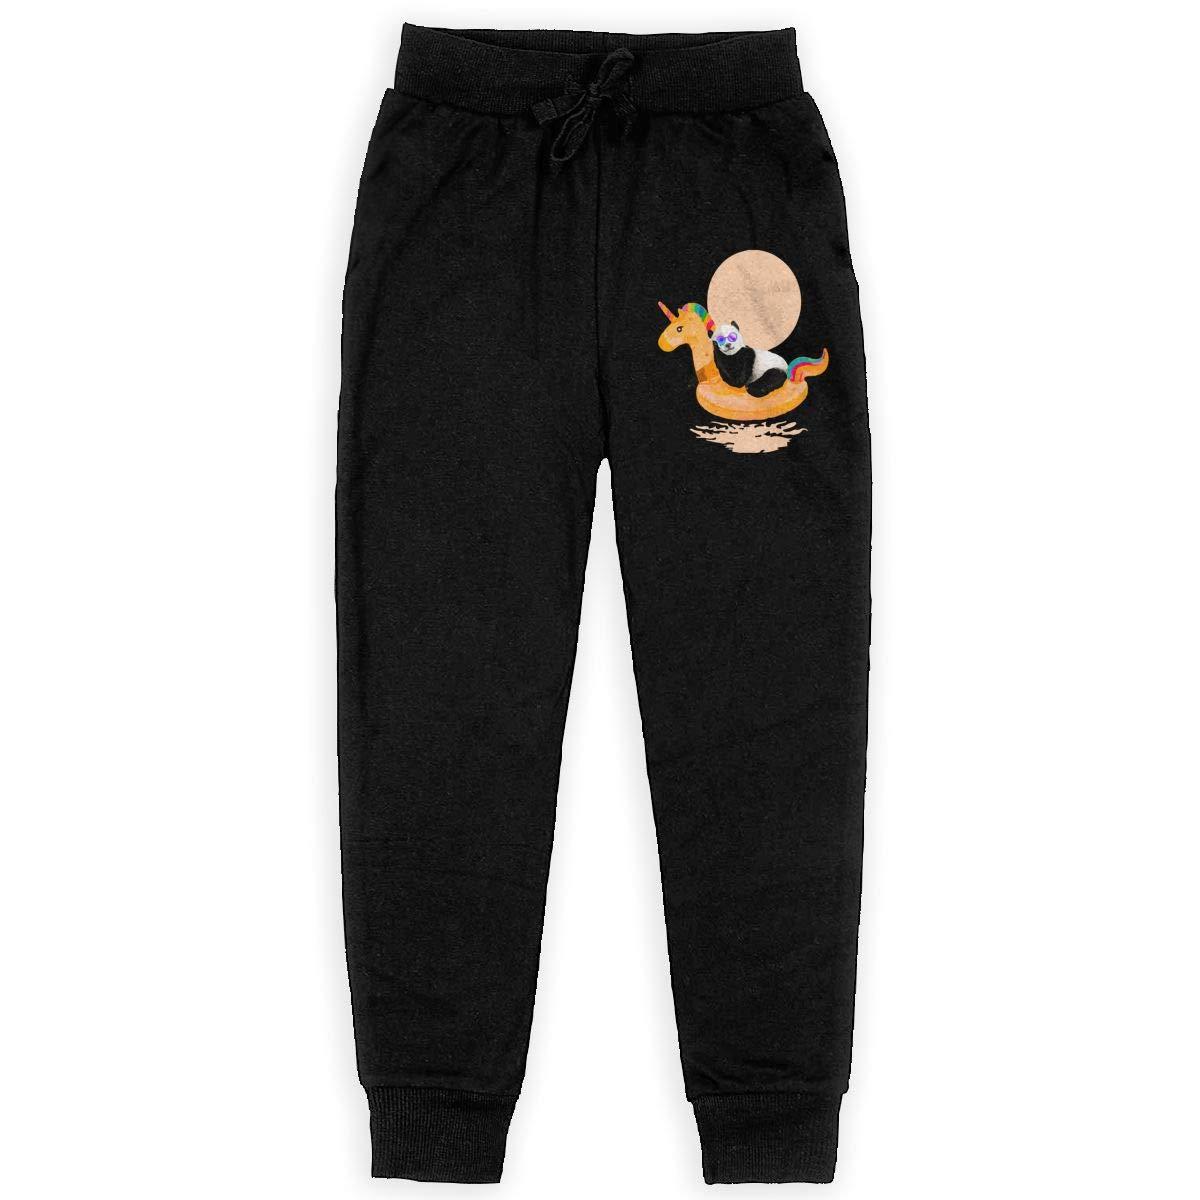 Boys Sweatpants Panda Unicorn Joggers Sport Training Pants Trousers Black